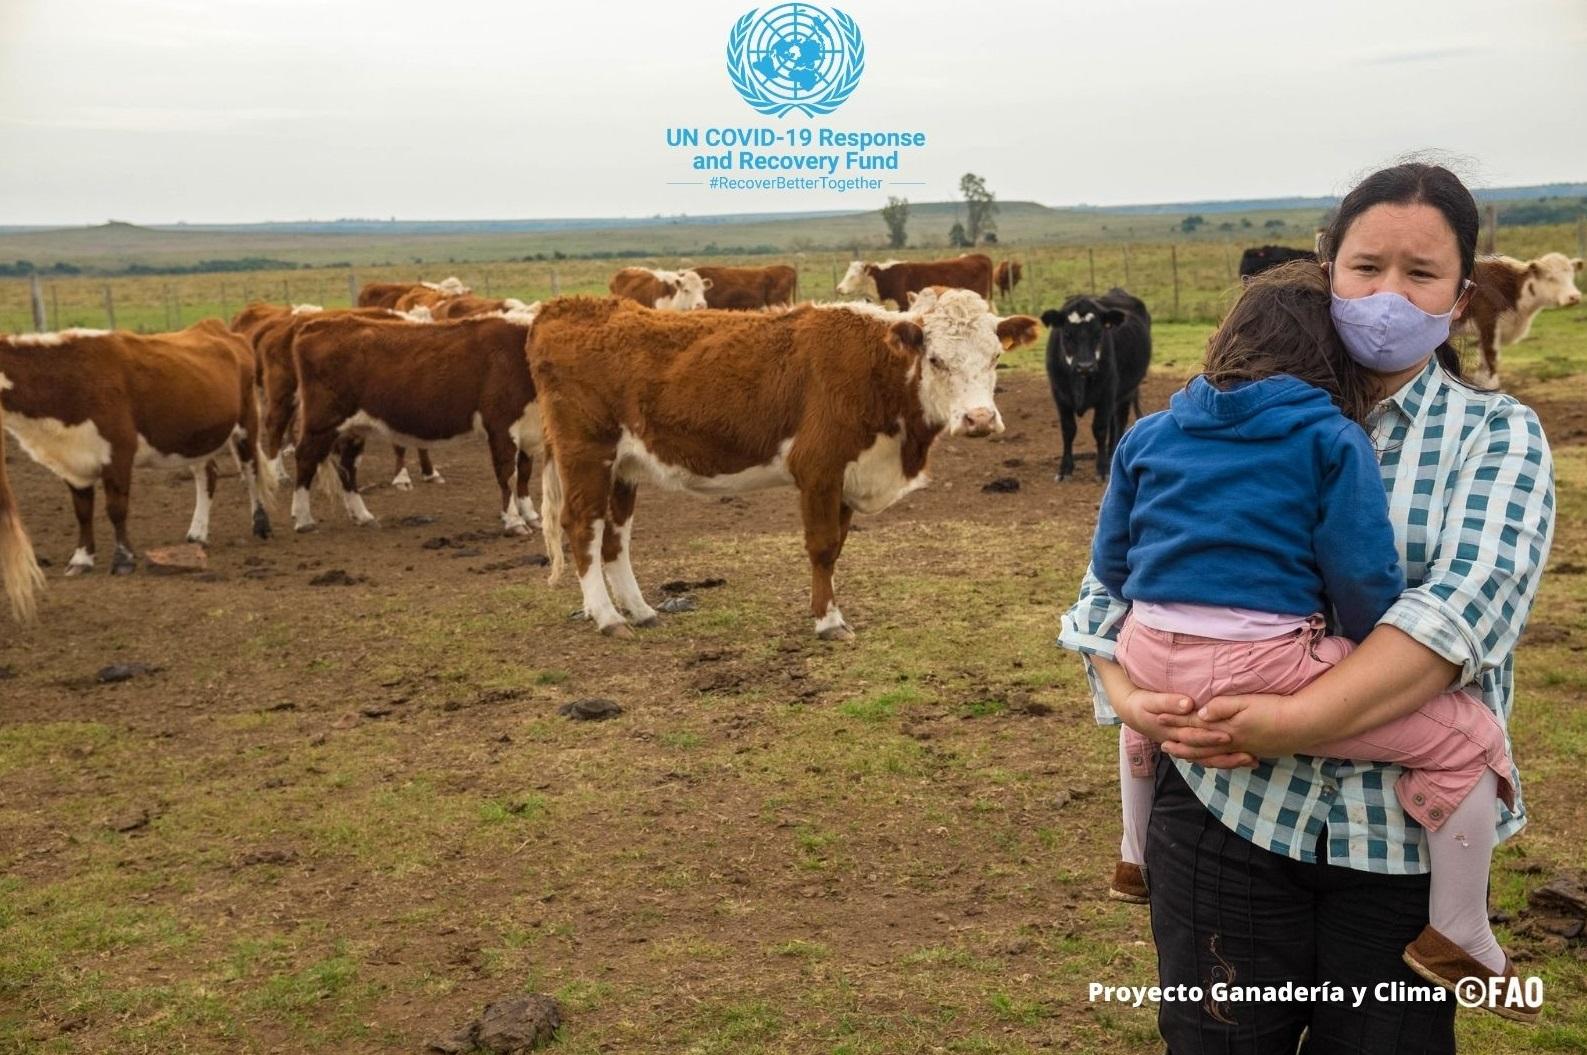 Naciones Unidas en Uruguay y AUCI alcanzan un acuerdo para el fortalecimiento de la respuesta socioeconómica en contexto Covid-19.